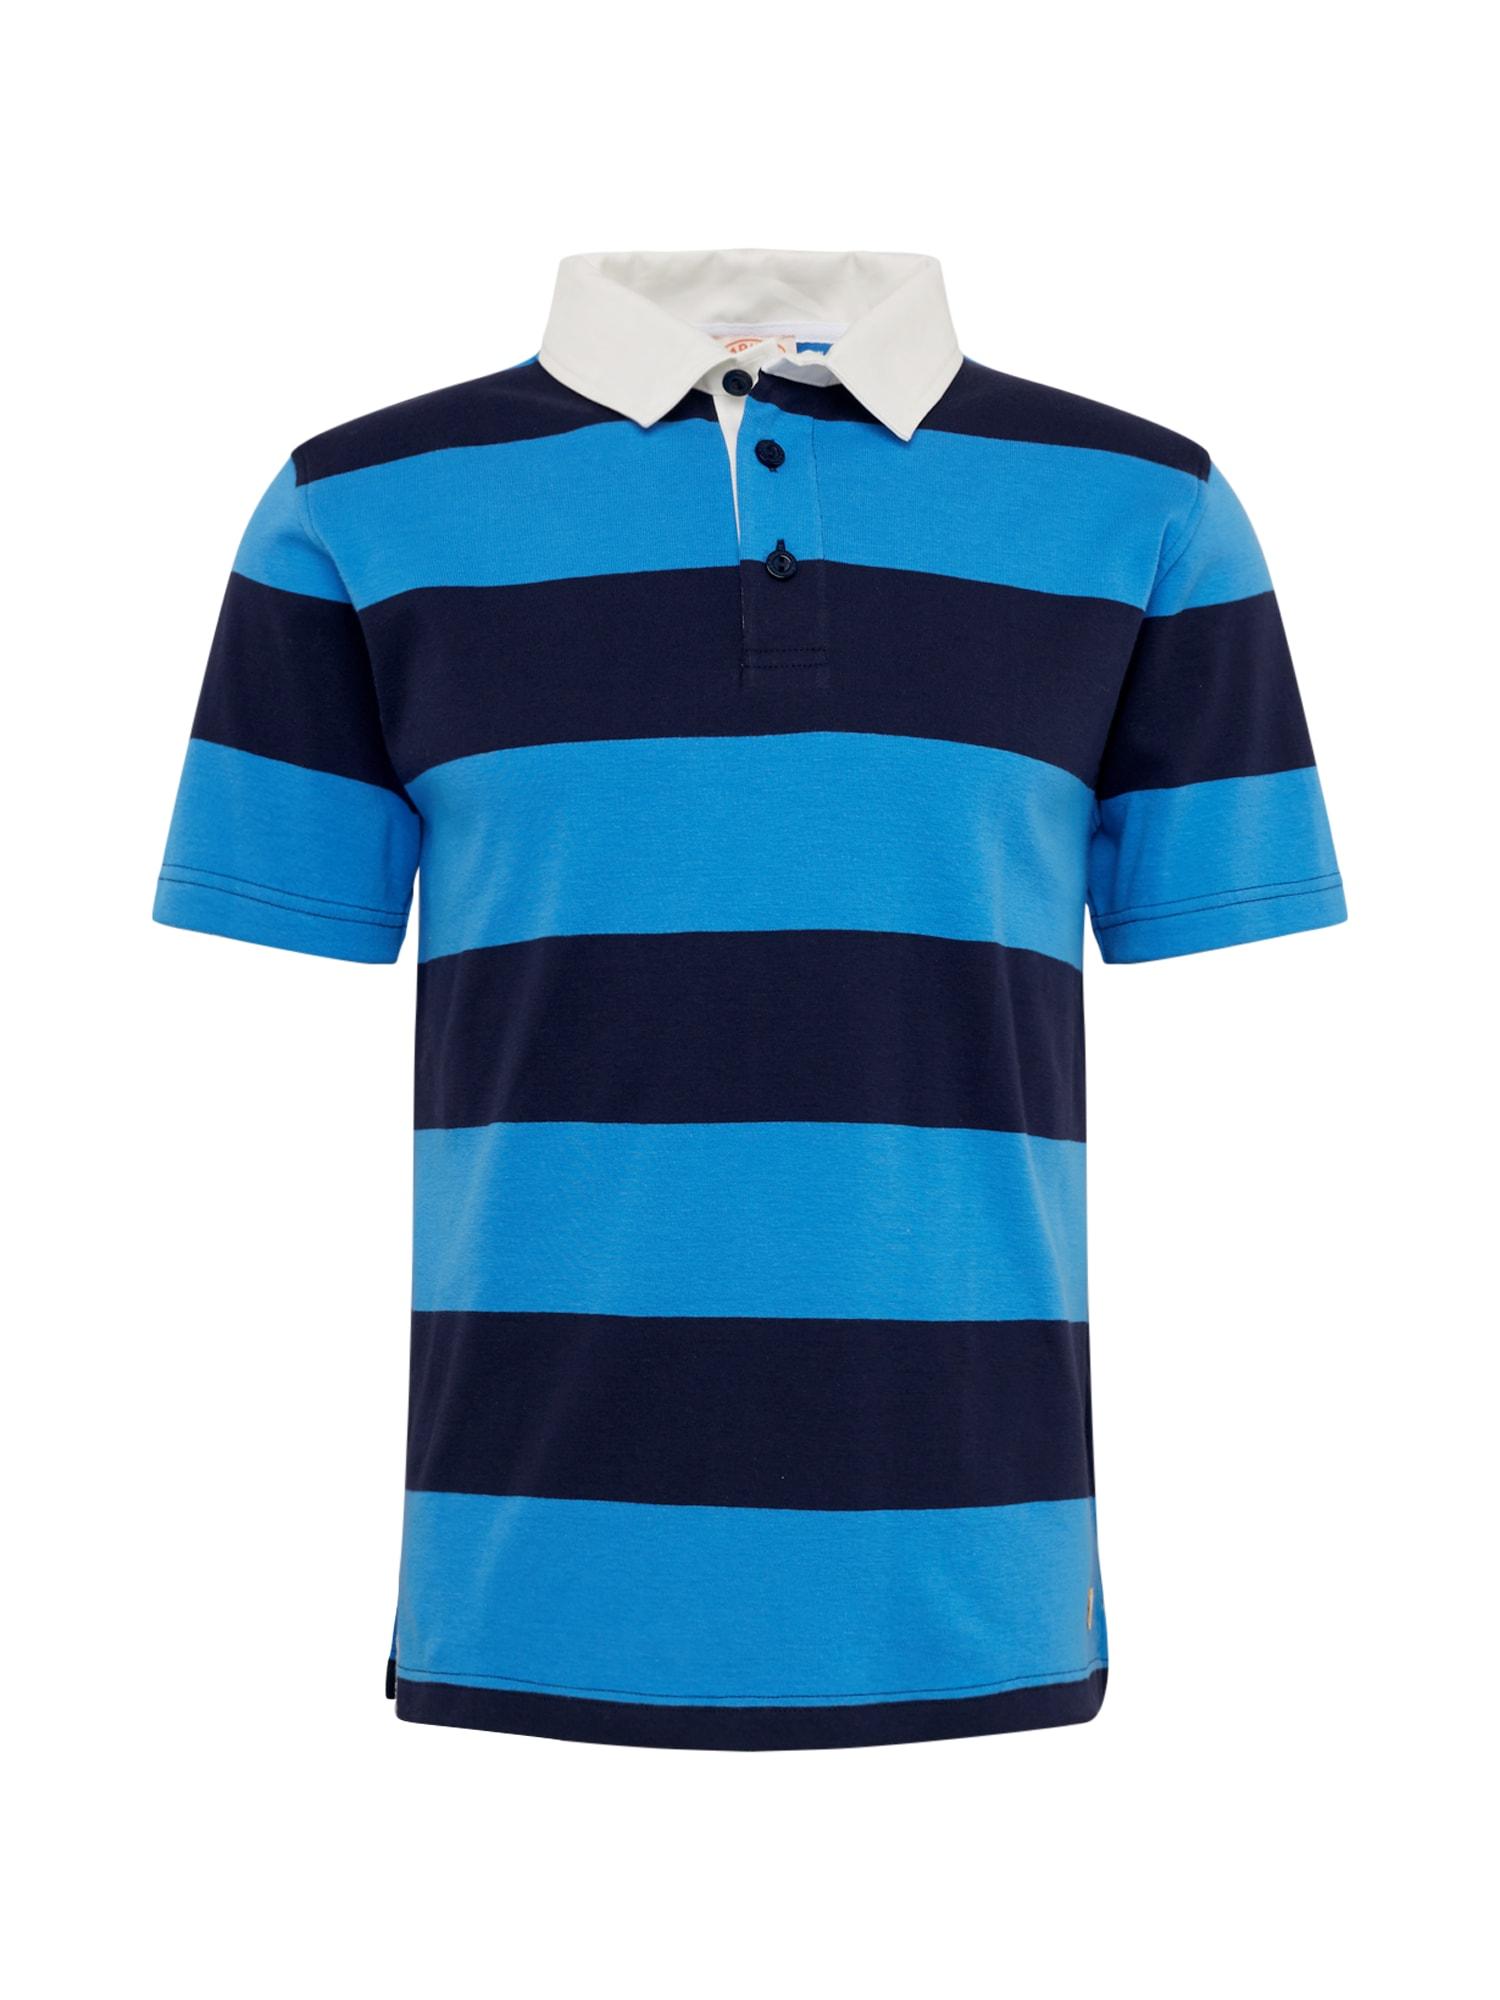 Armor Lux Marškinėliai 'Rugby MC Héritage' tamsiai mėlyna / dangaus žydra